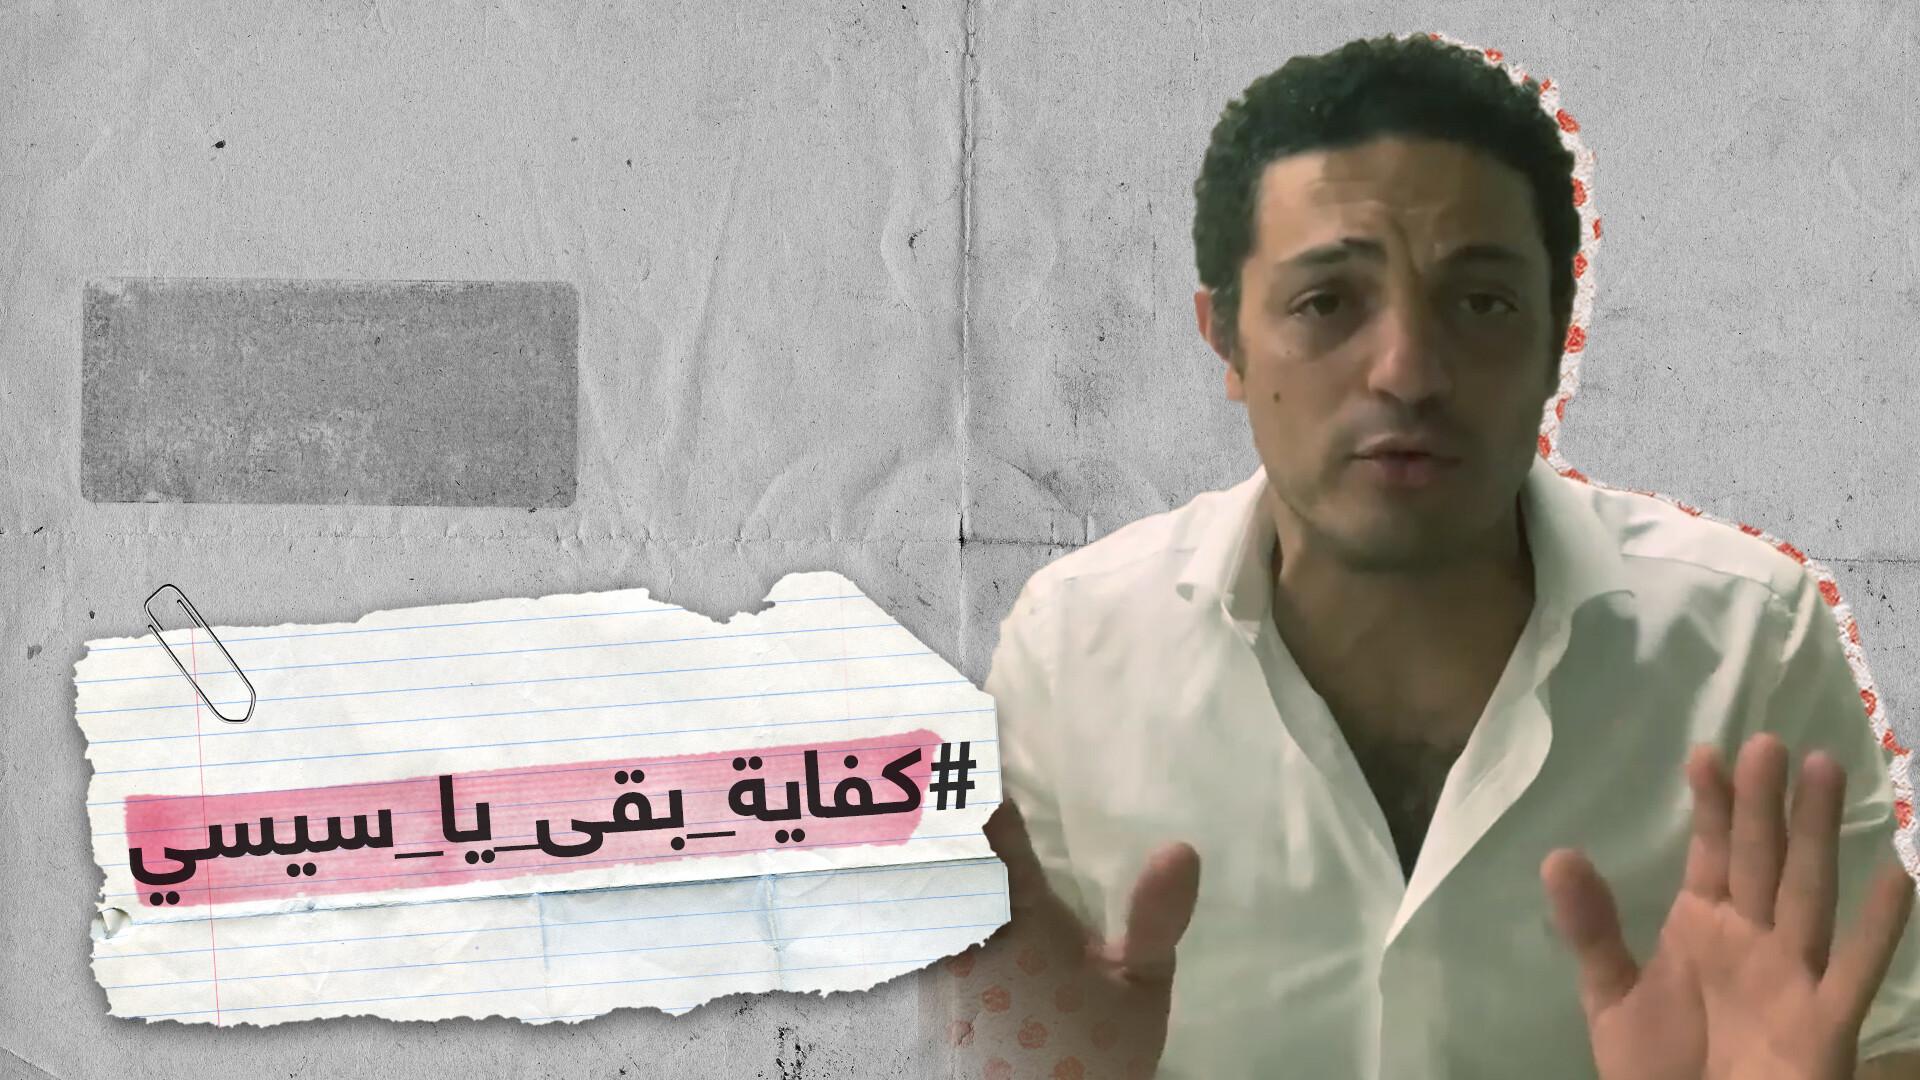 على تويتر.. هاشتاغات تطالب برحيل السيسي وأخرى تدافع عنه